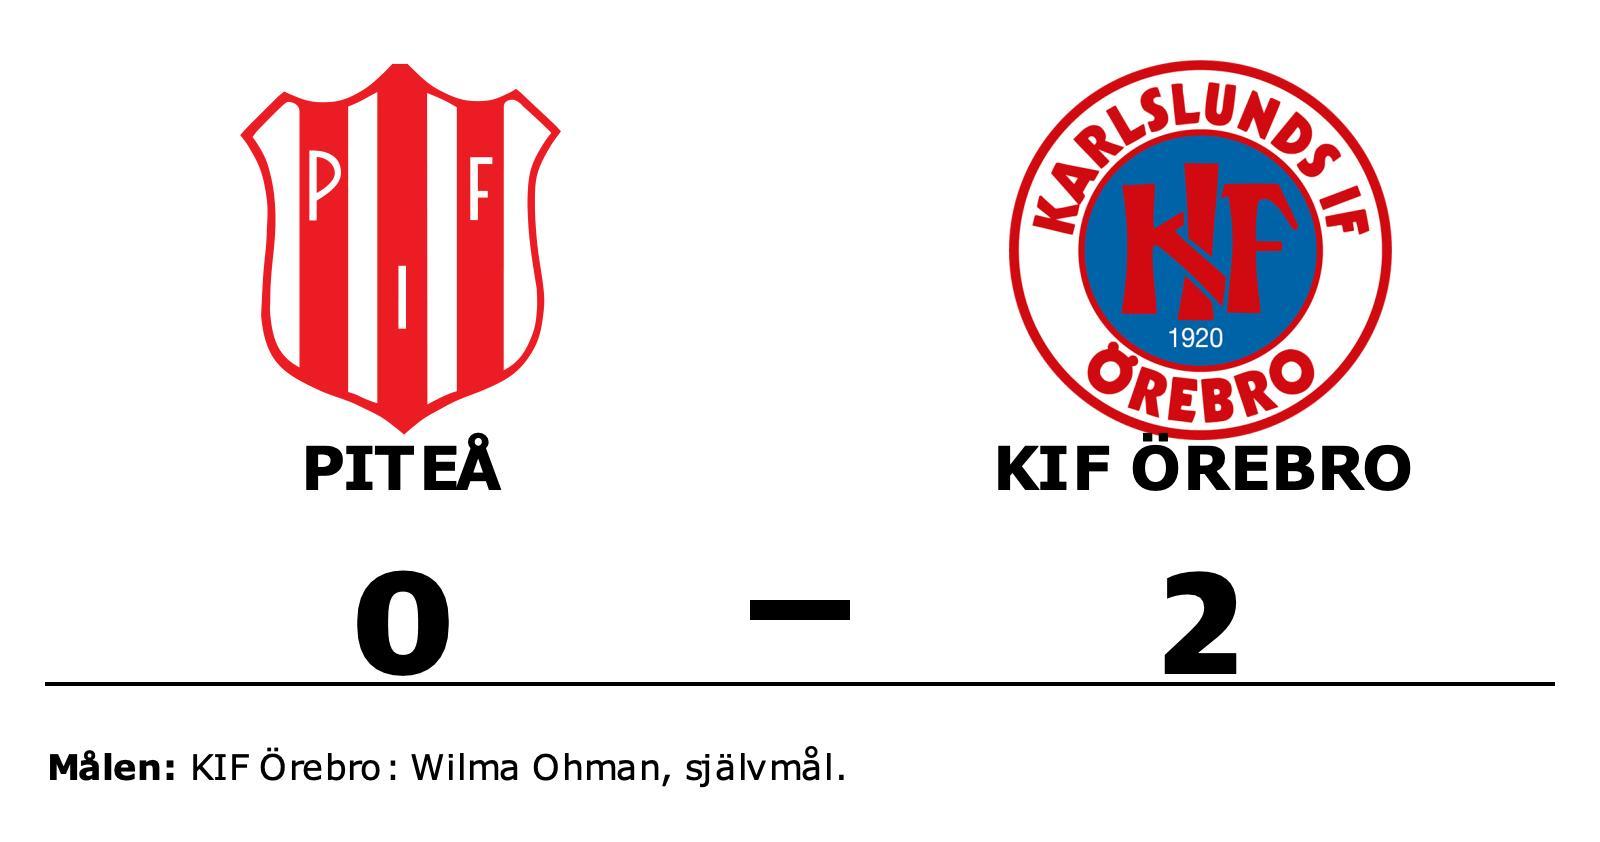 KIF Örebro tog rättvis seger mot Piteå